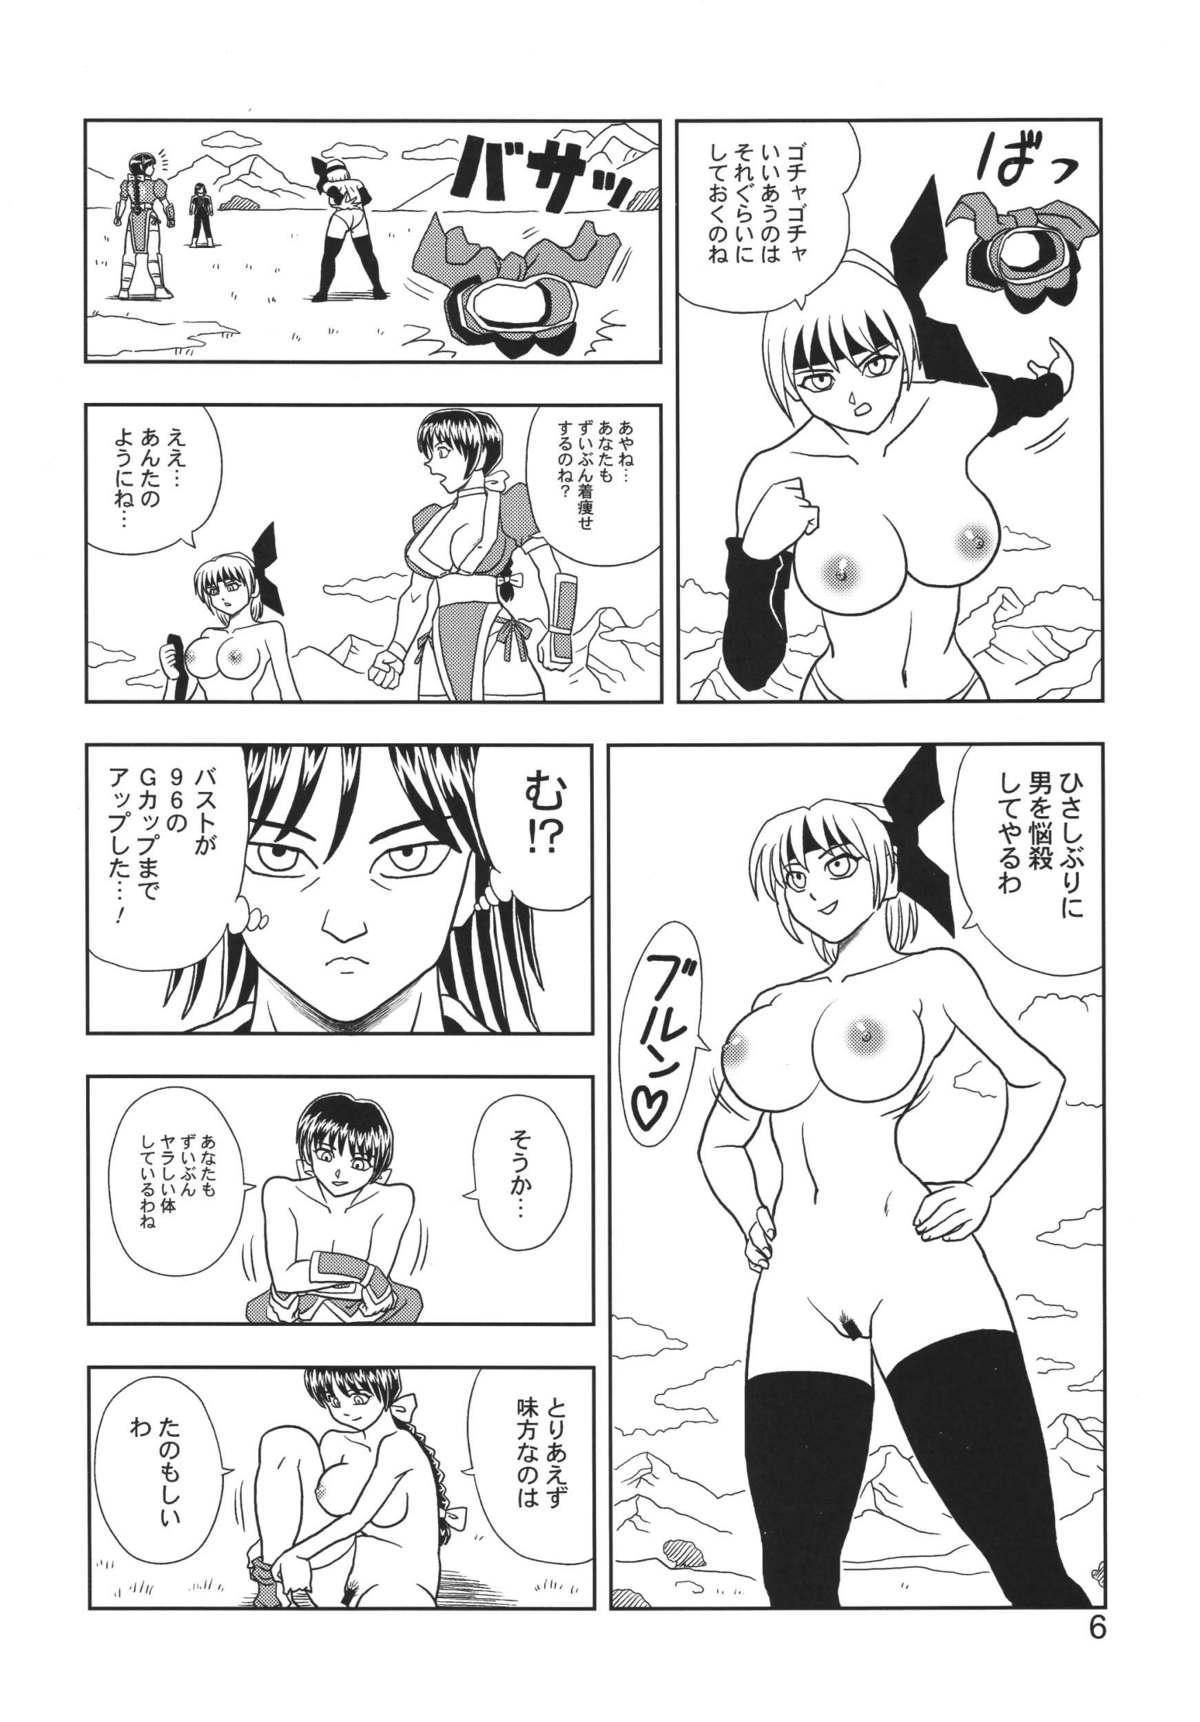 Kasumi or Ayane 5